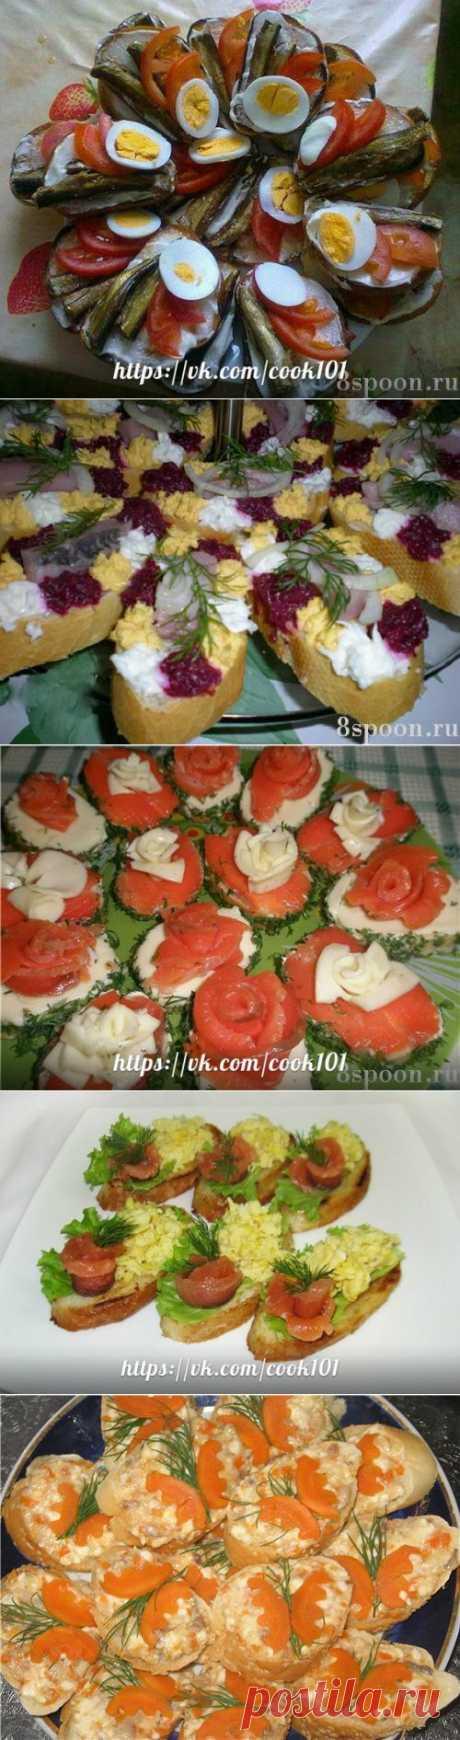 Los bocadillos a la fiesta - las recetas Simples Овкусе.ру